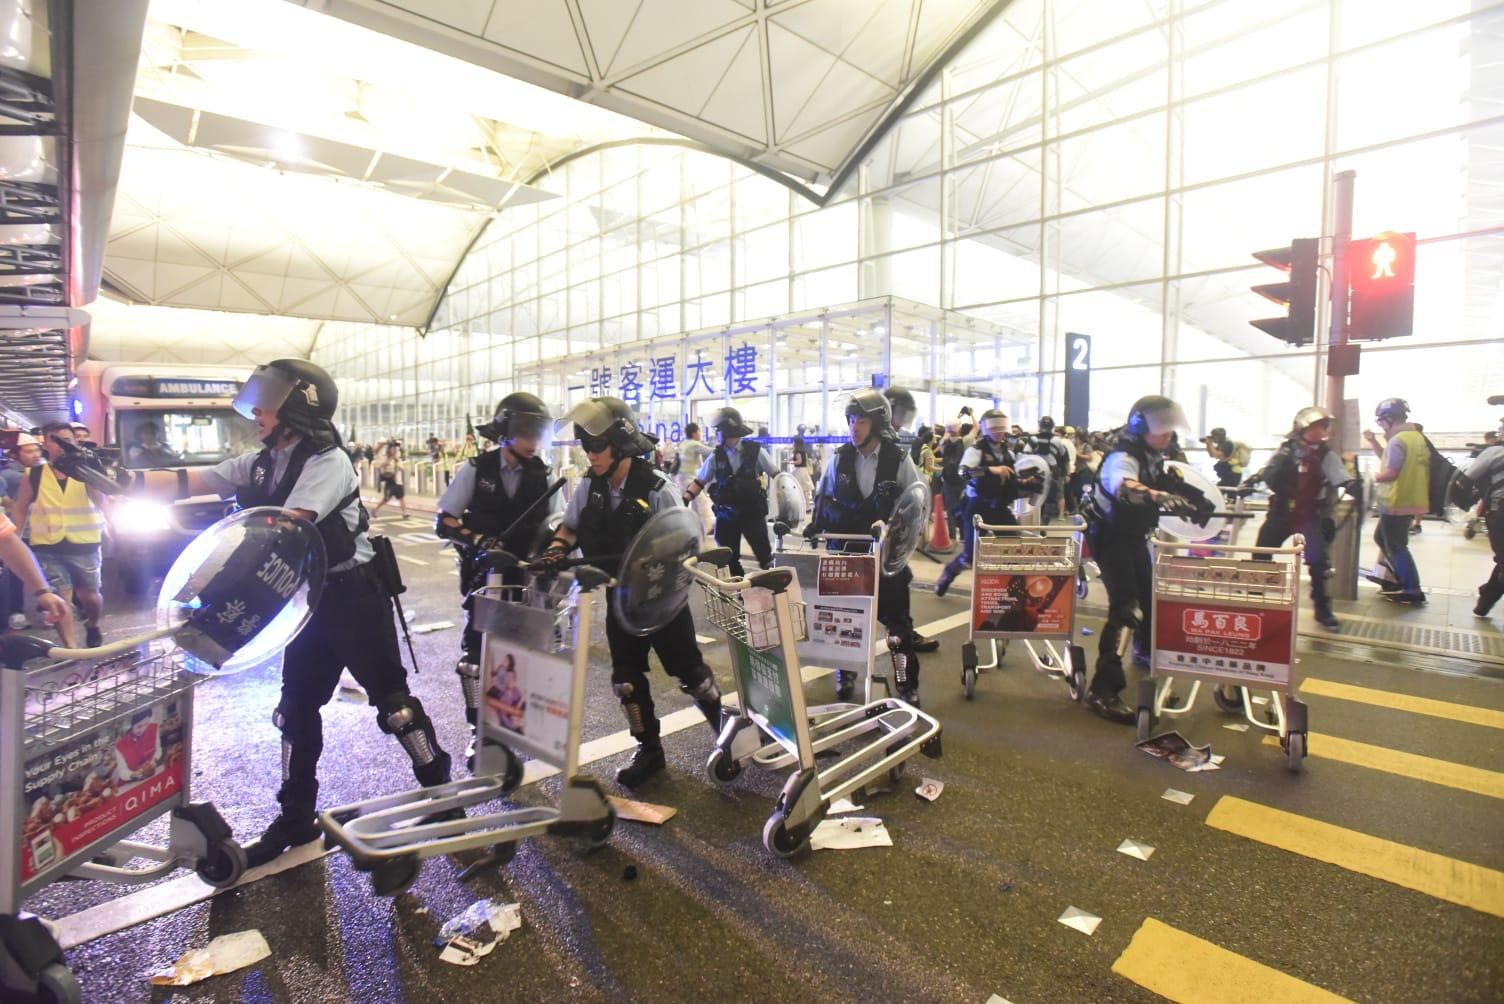 【機場集會】政府譴責暴力行為遠超文明社會底線 警必定嚴正追究